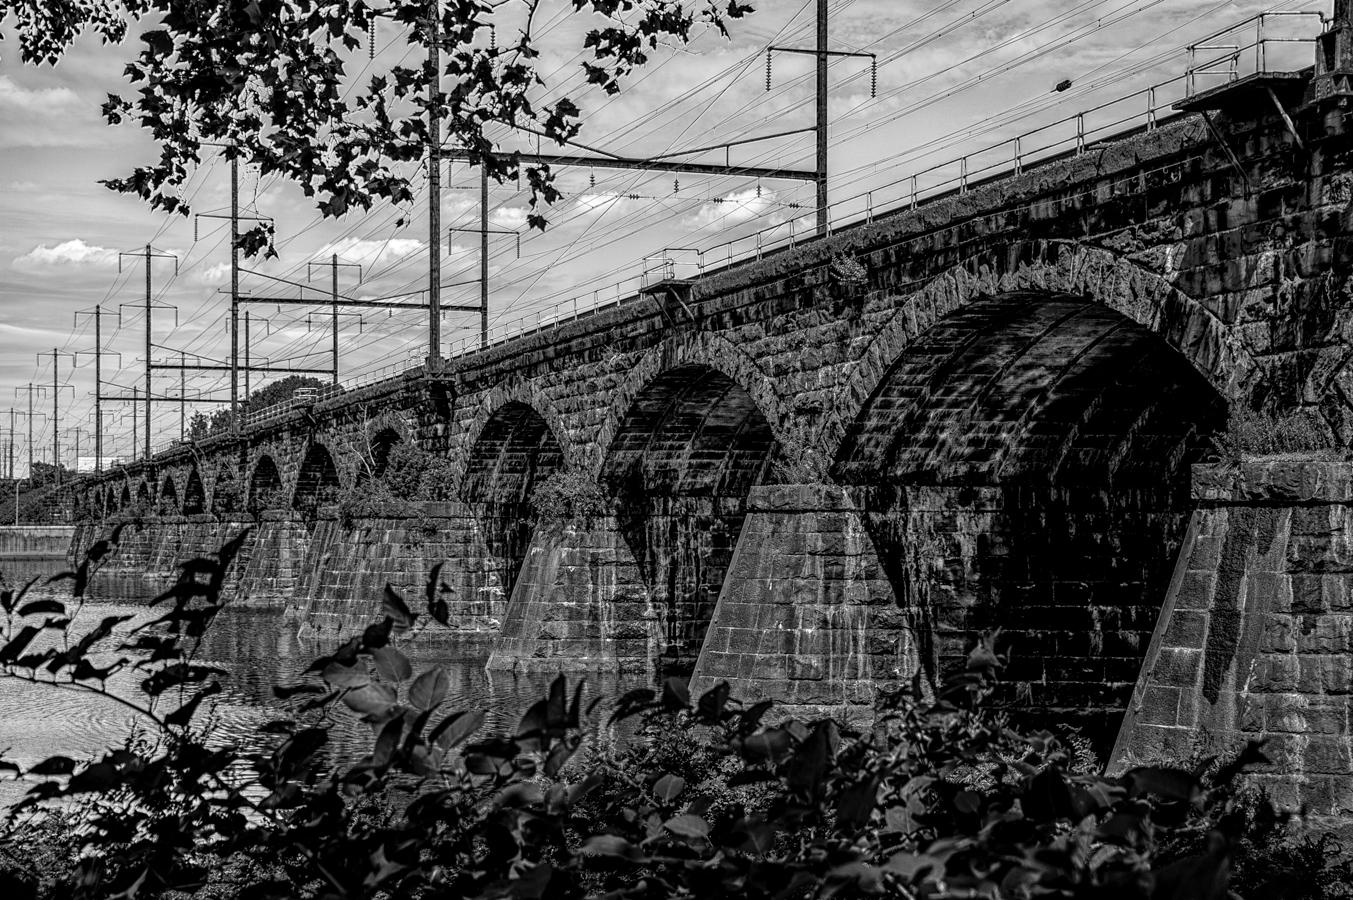 Trenton Railroad bridge photo